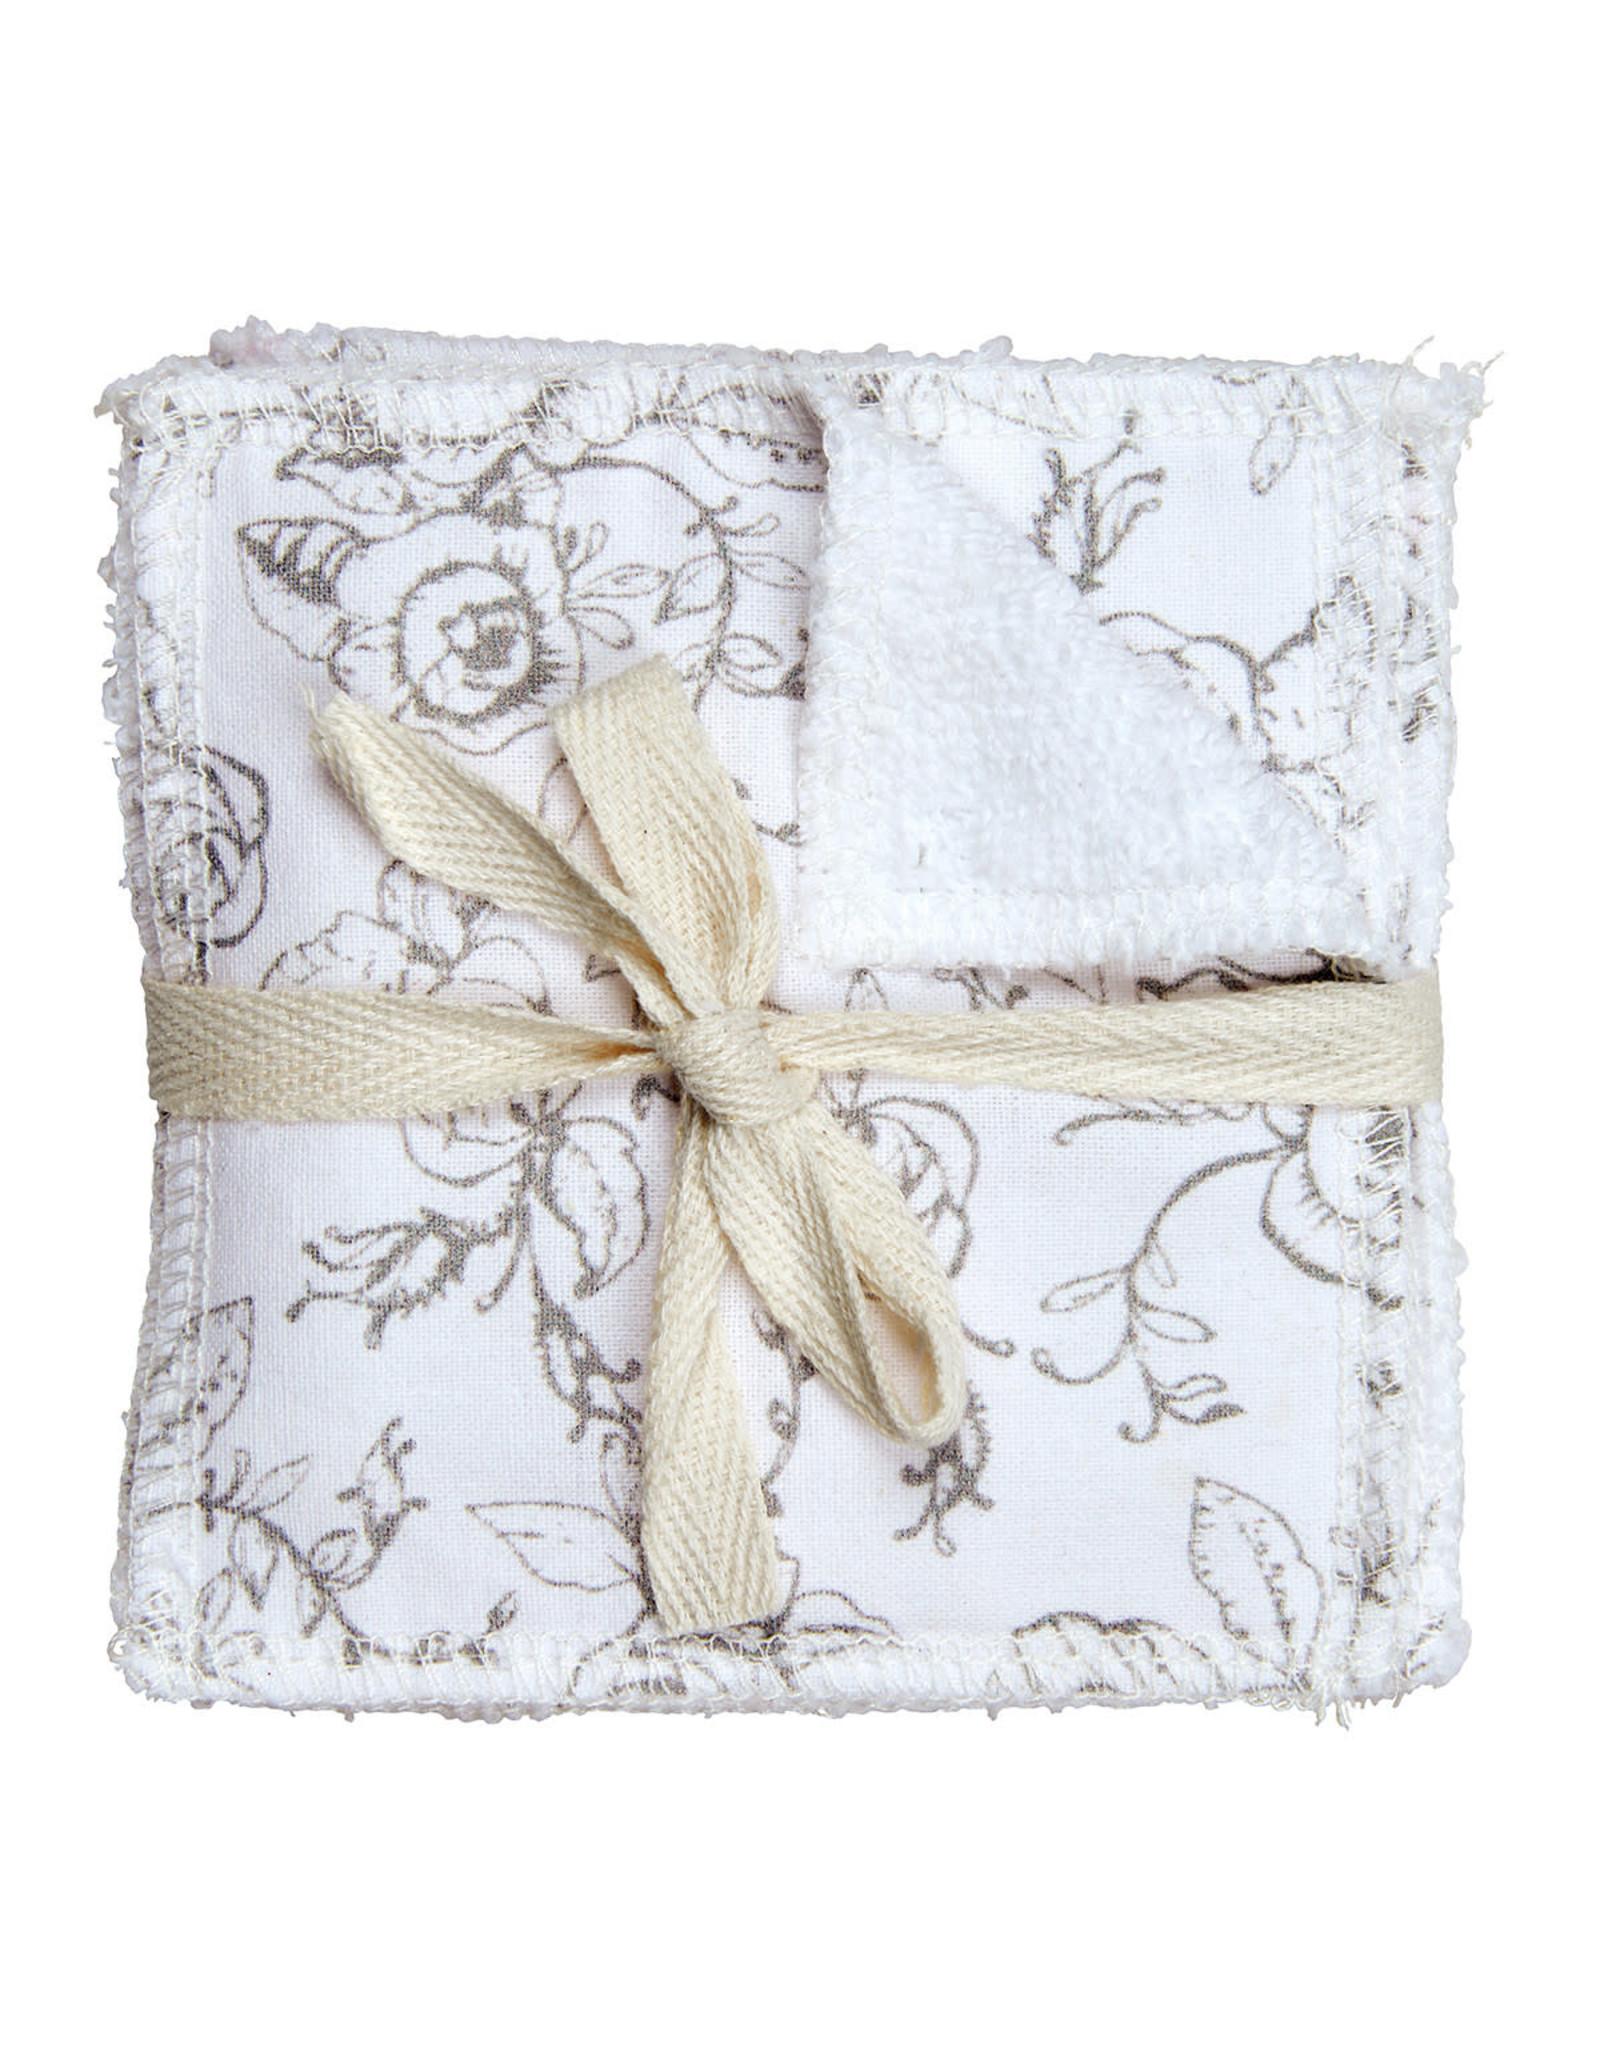 Mathilde M Divine Marquise - Les Rituels Beauté Giftbox - Oiseau